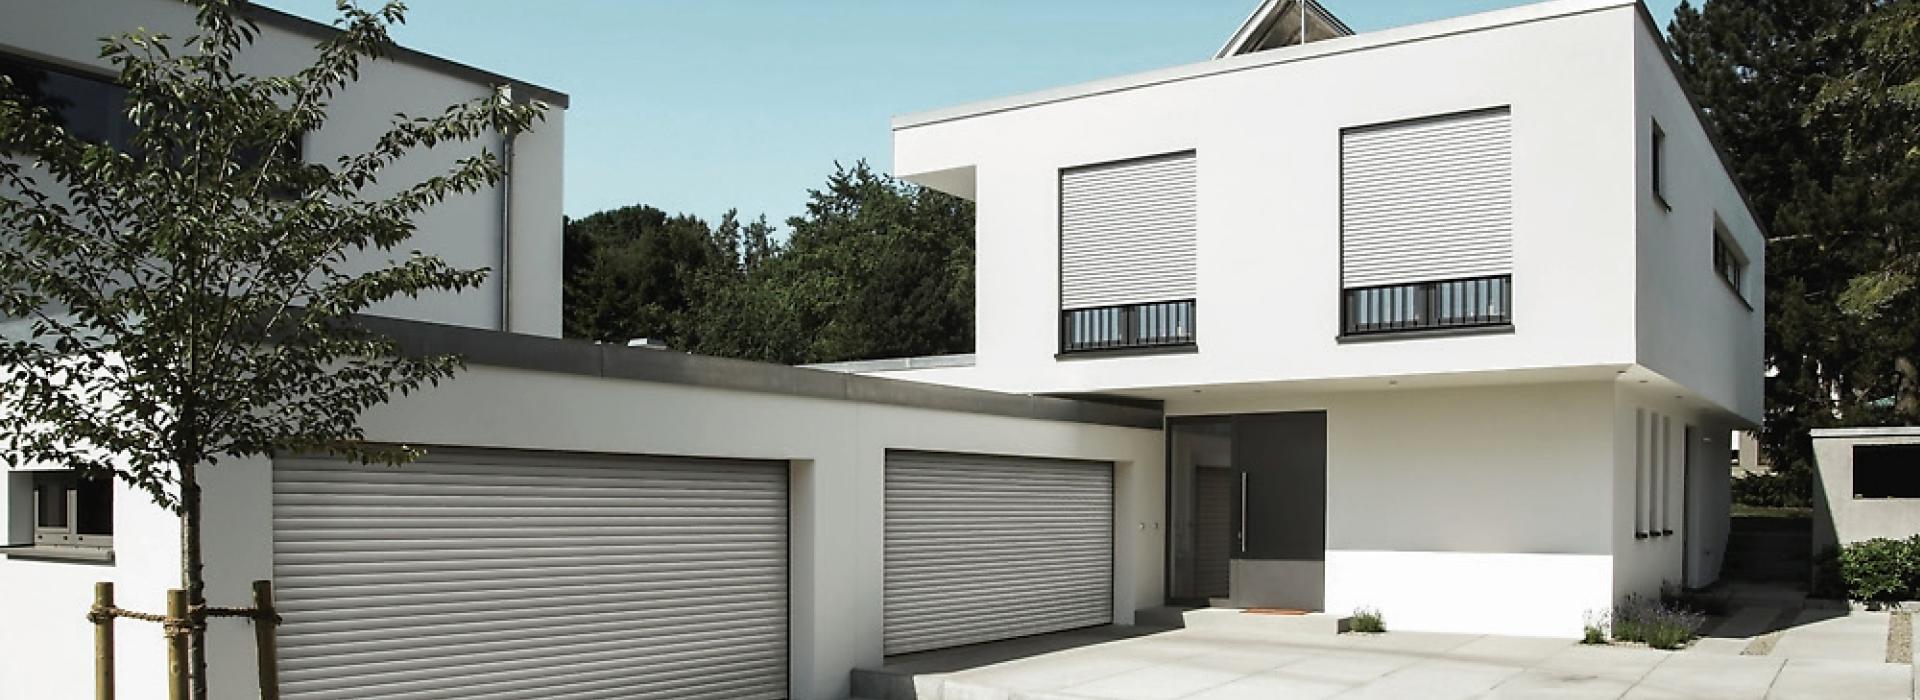 Haus bei Tag mit zwei Doppelgaragen